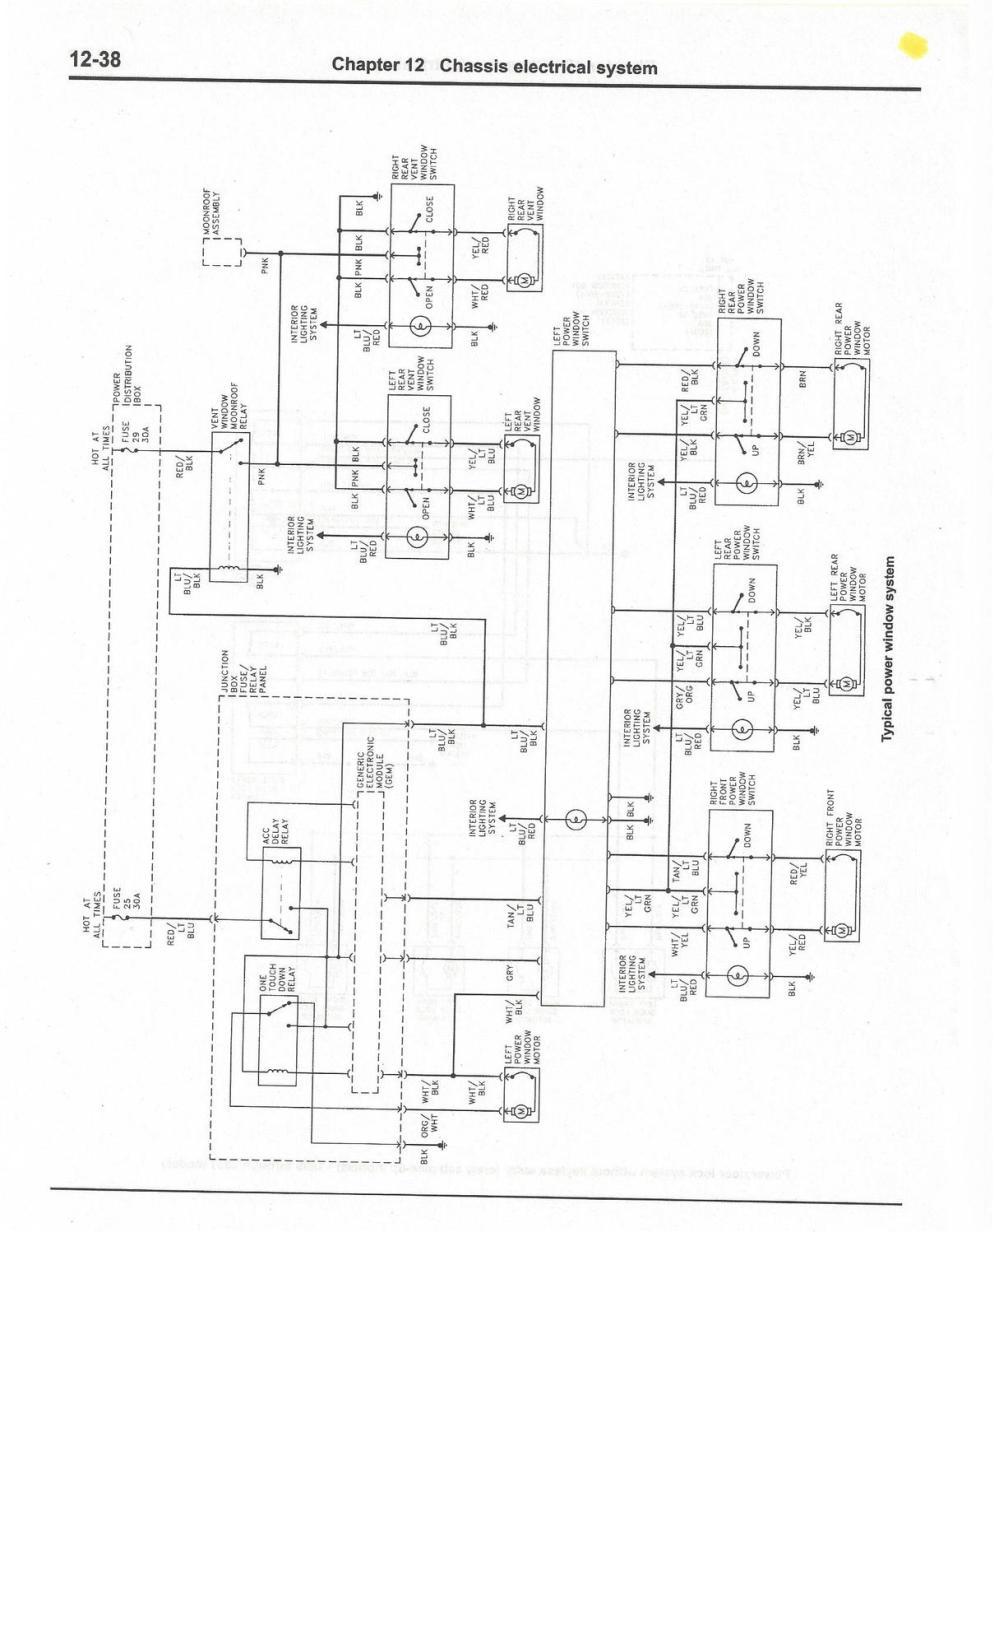 medium resolution of potter brumfield relay wiring diagram